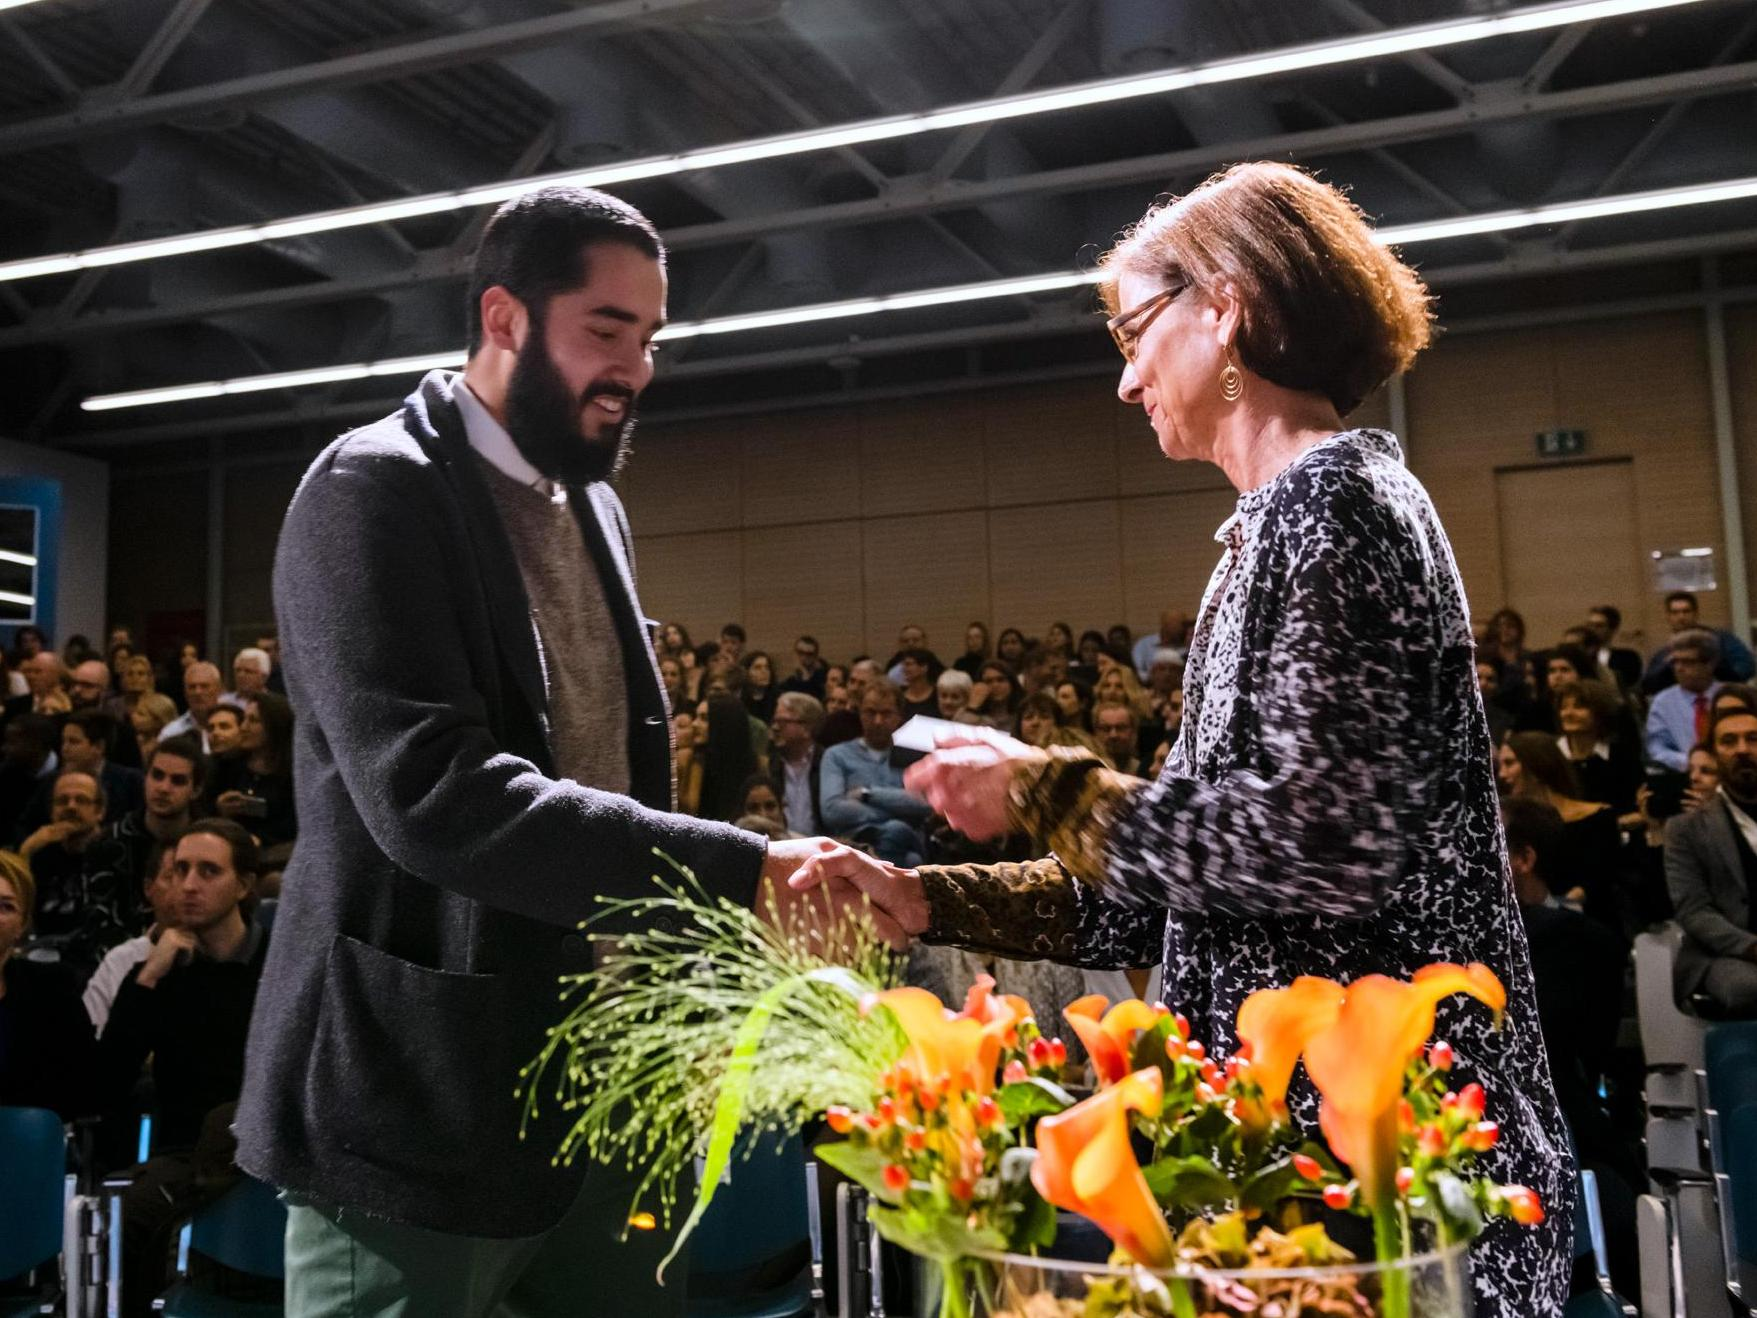 Les photos des cérémonies de fin d'études 2018 sont disponibles